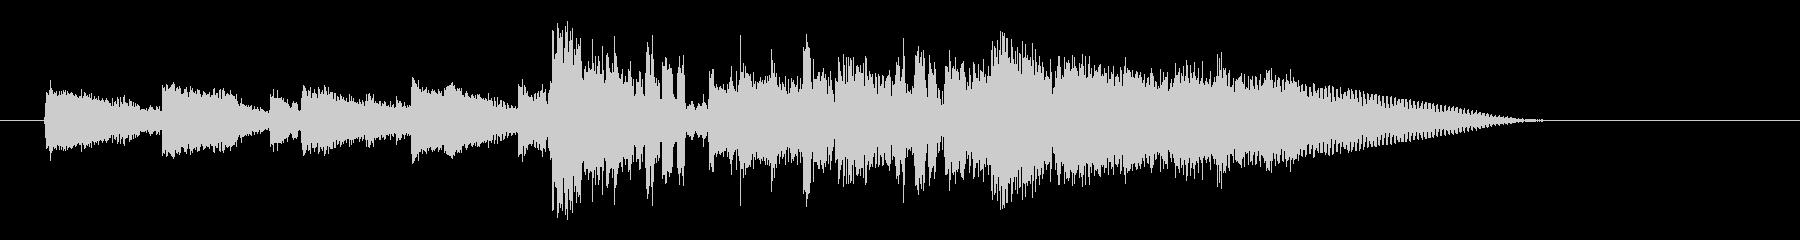 ロックなイメージのイントロの未再生の波形